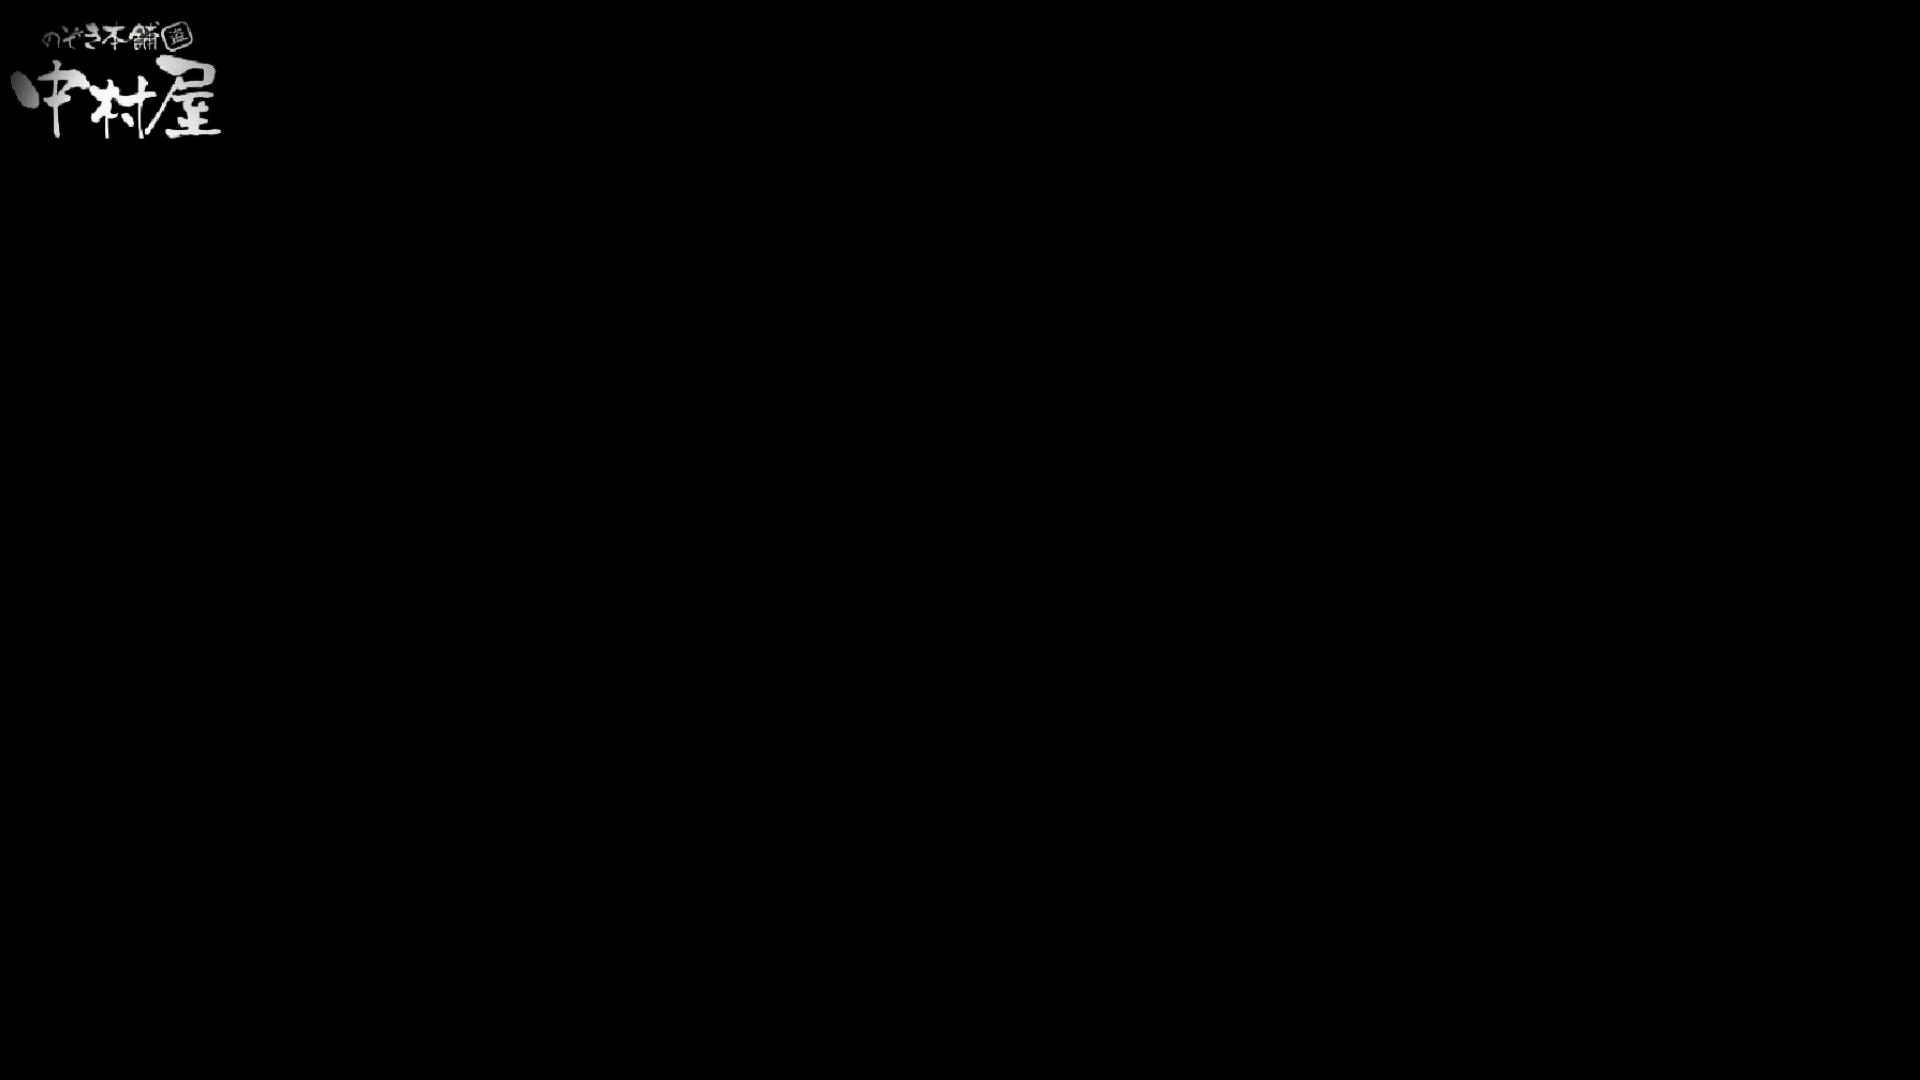 雅さんが厳選新年特別コンテンツ!激走!東京マラソン選手専用女子トイレvol.9 女子トイレ編 盗み撮り動画 105PIX 104